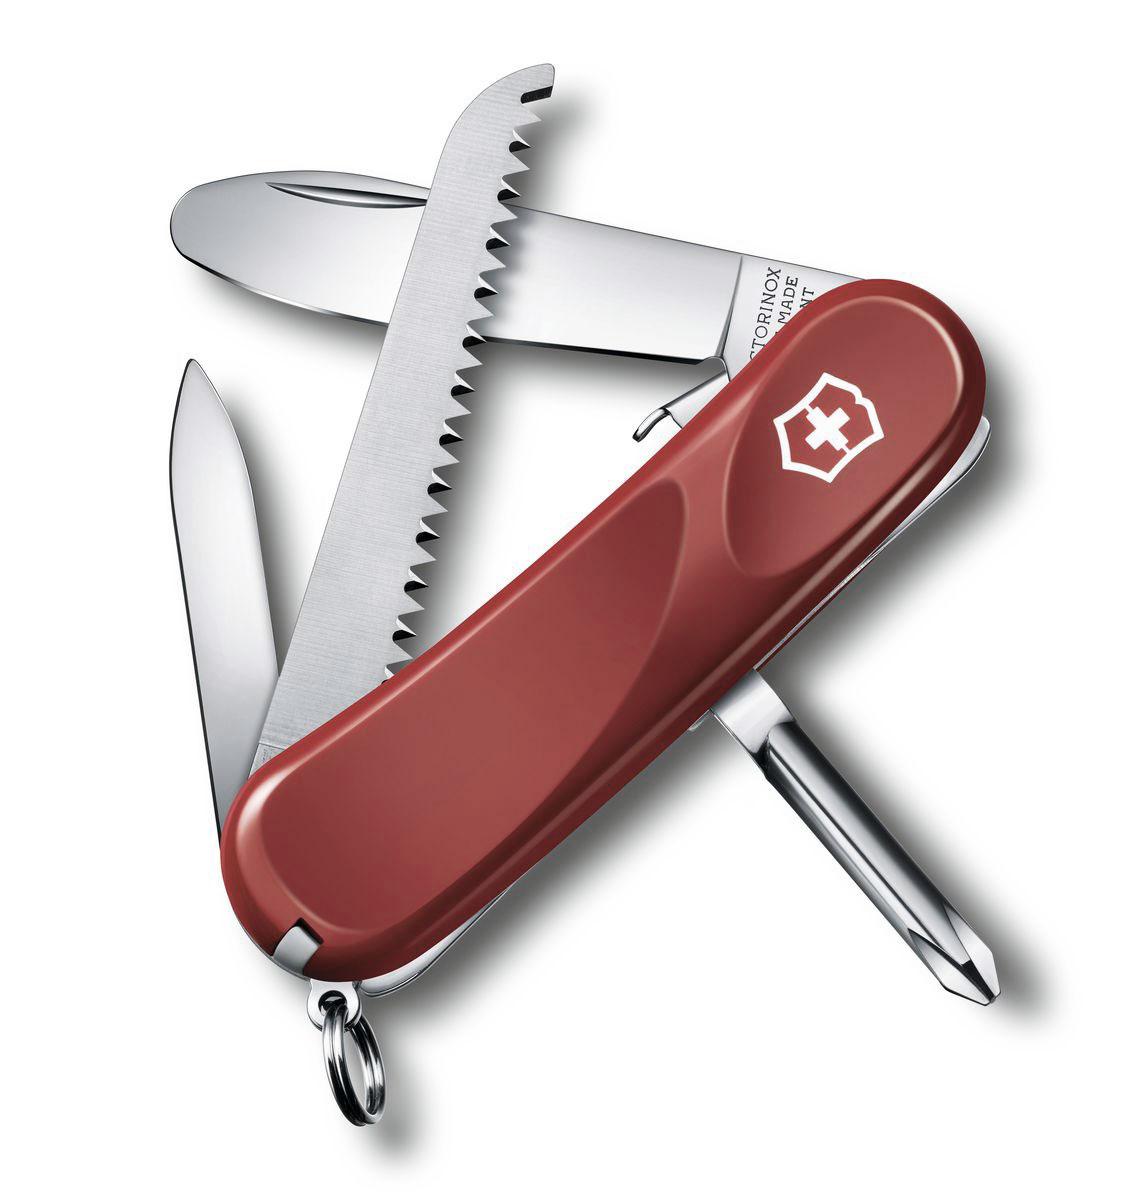 Нож перочинный Victorinox Junior, цвет: красный, 8 функций, 8,5 см2.4213.SKEЛезвие перочинного складного ножа Victorinox Sentinel One Hand изготовлено из высококачественной нержавеющей стали. Ручка, выполненная из прочного пластика, обеспечивает надежный и удобный хват. Хорошее качество, надежный долговечный материал и эргономичная рукоятка - что может быть удобнее на природе или на пикнике! Функции ножа: Фиксирующееся лезвие с закругленным кончиком. Пилка для ногтей с инструментом по уходу за ногтями. Пила по дереву. Крестовая отвертка. Кольцо для ключей. Пинцет. Зубочистка. Длина ножа в сложенном виде: 8,5 см. Длина ножа в разложенном виде: 14,5 см.